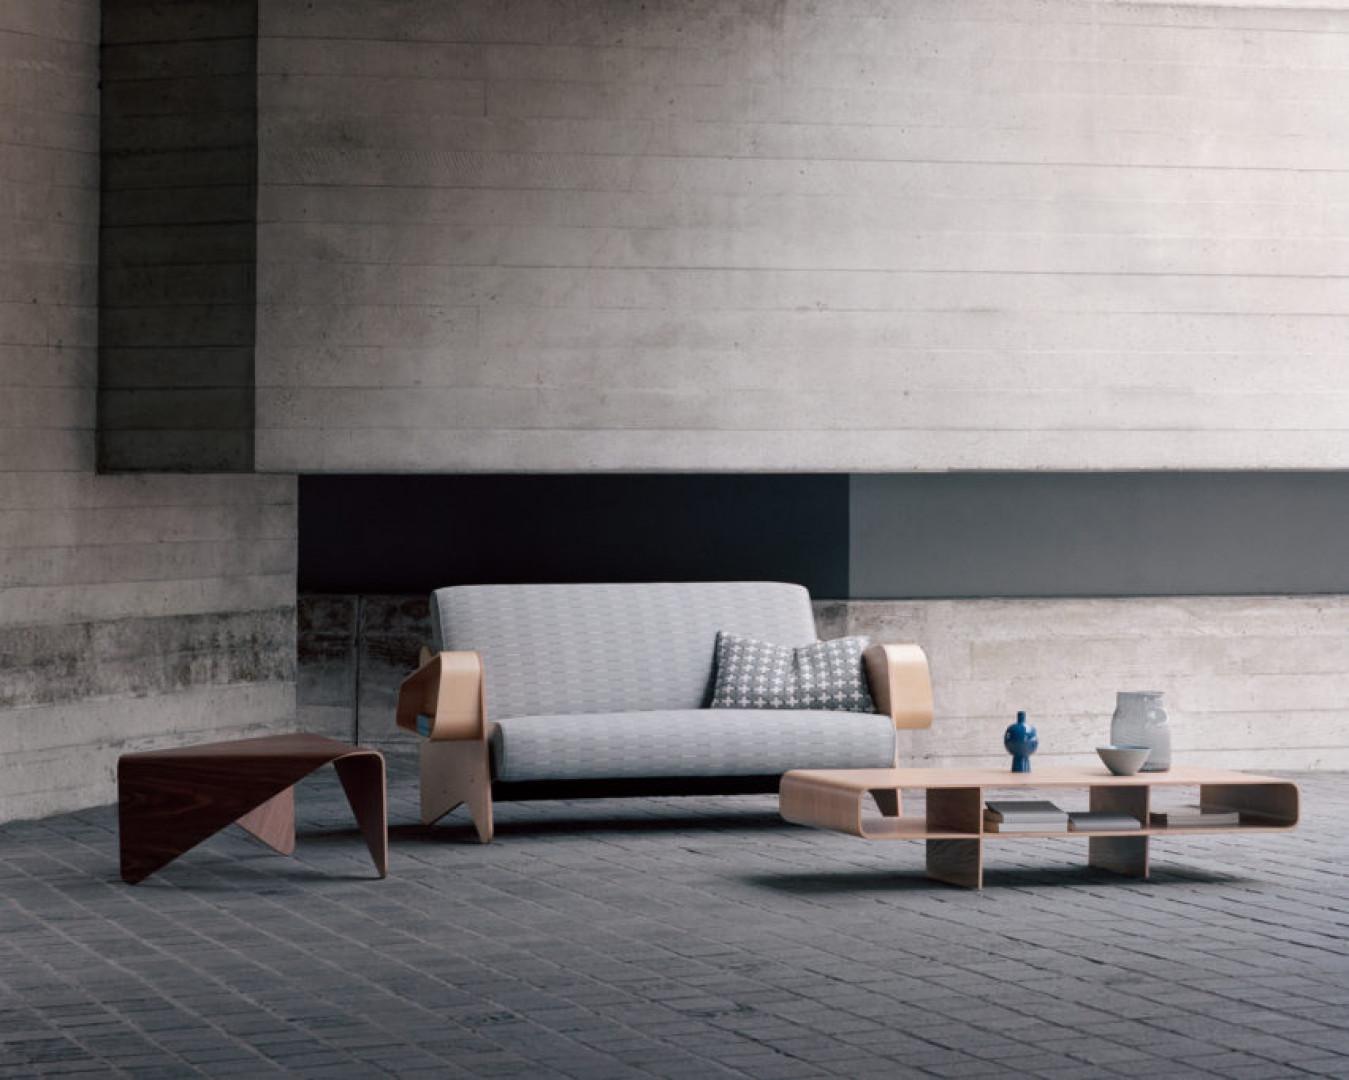 Sofa zaprojektowana przez Marcela Breura w 1936 roku. Producent: Isokon. Fot. Isokon